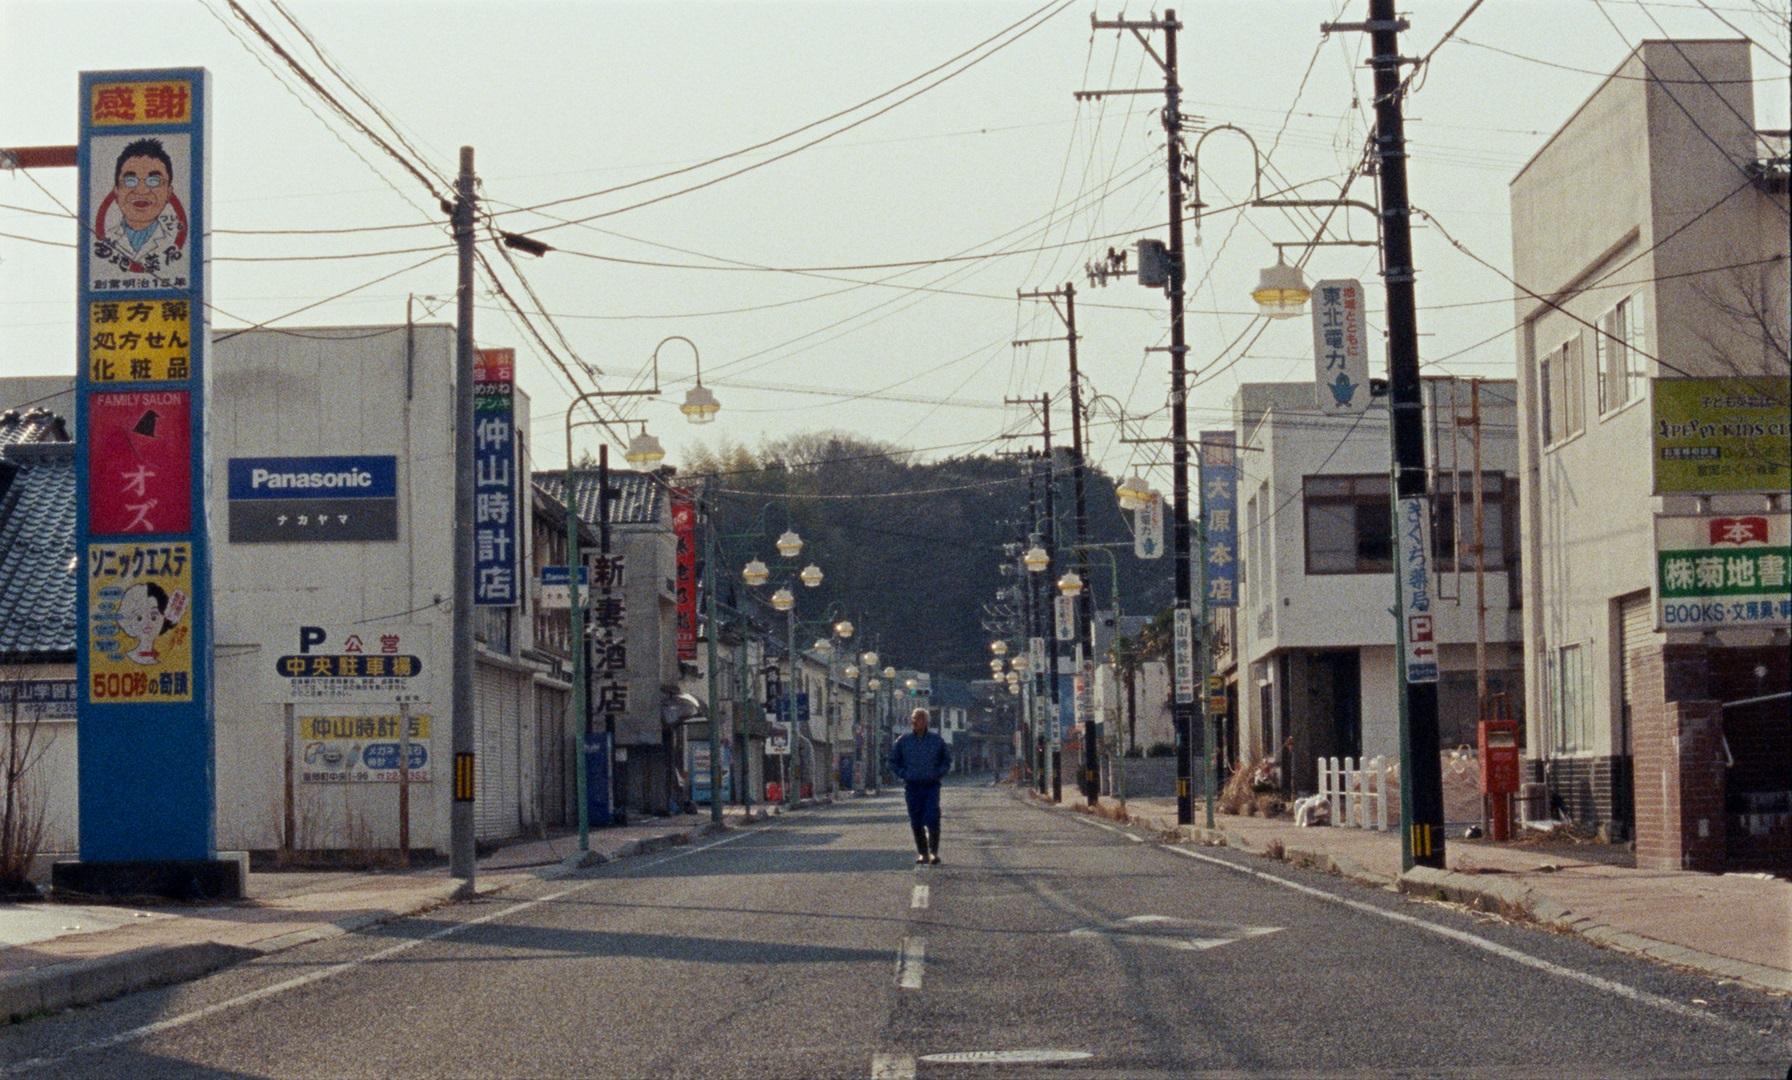 후쿠시마에 남다의 스틸사진